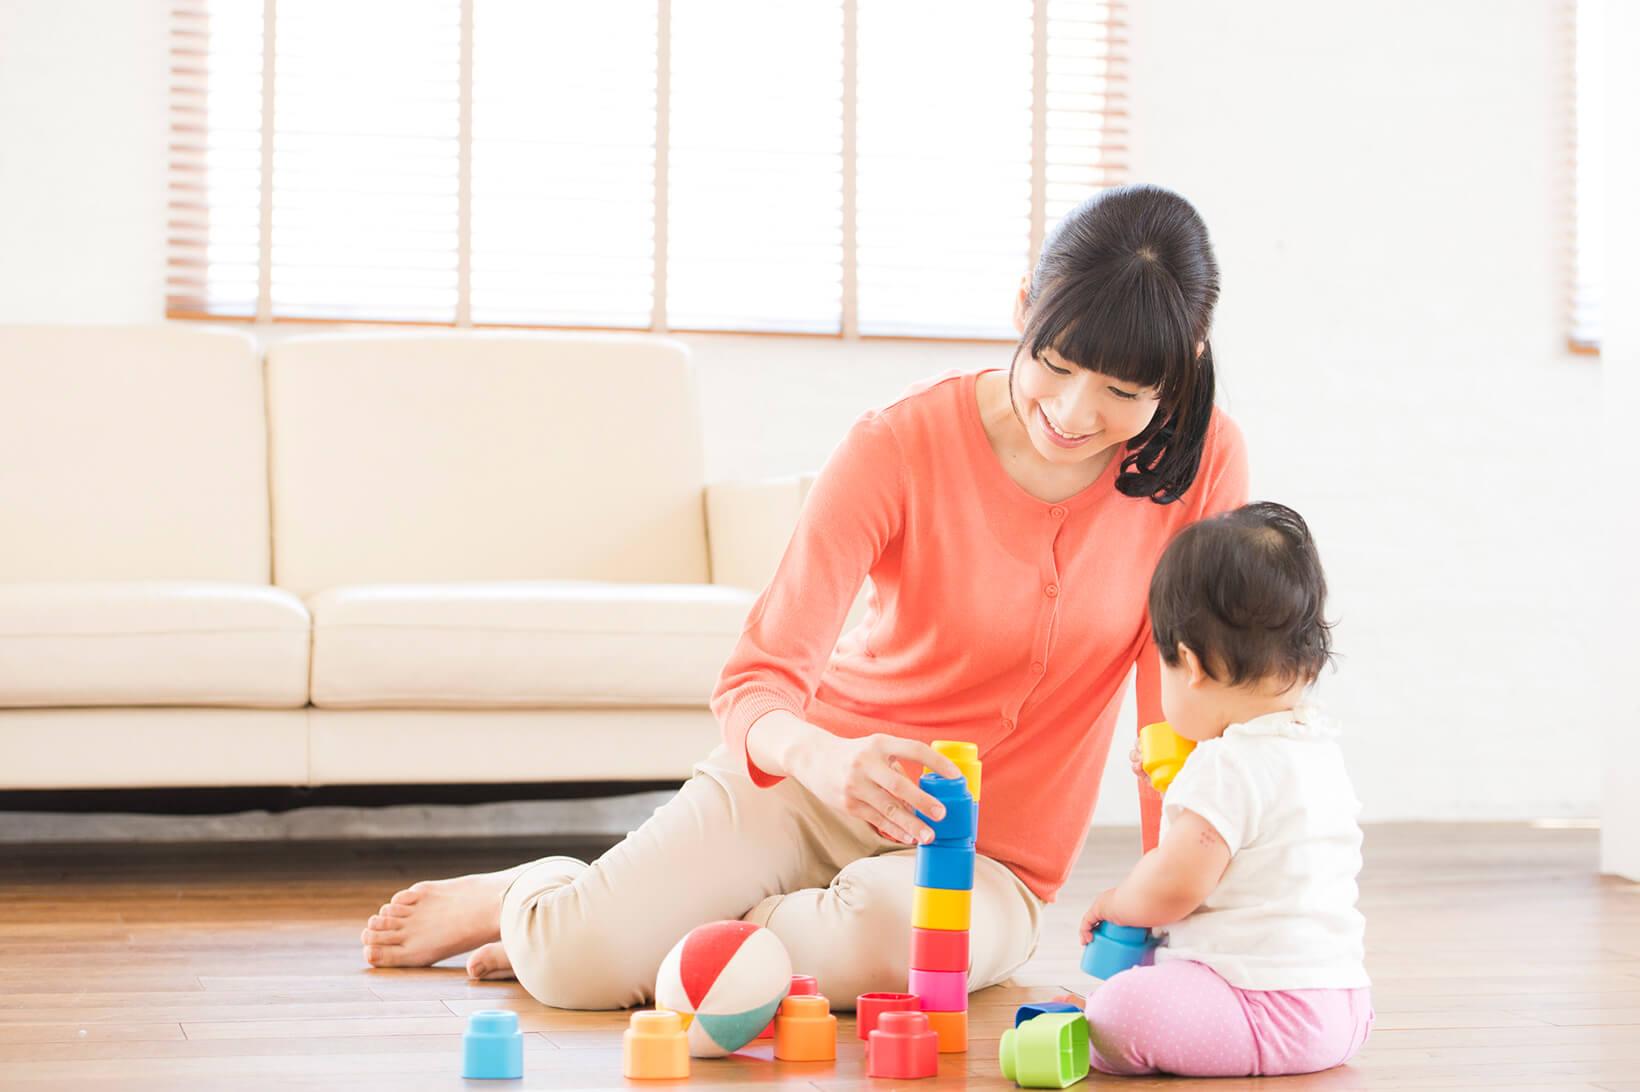 おもちゃで遊ぶ子供と母親